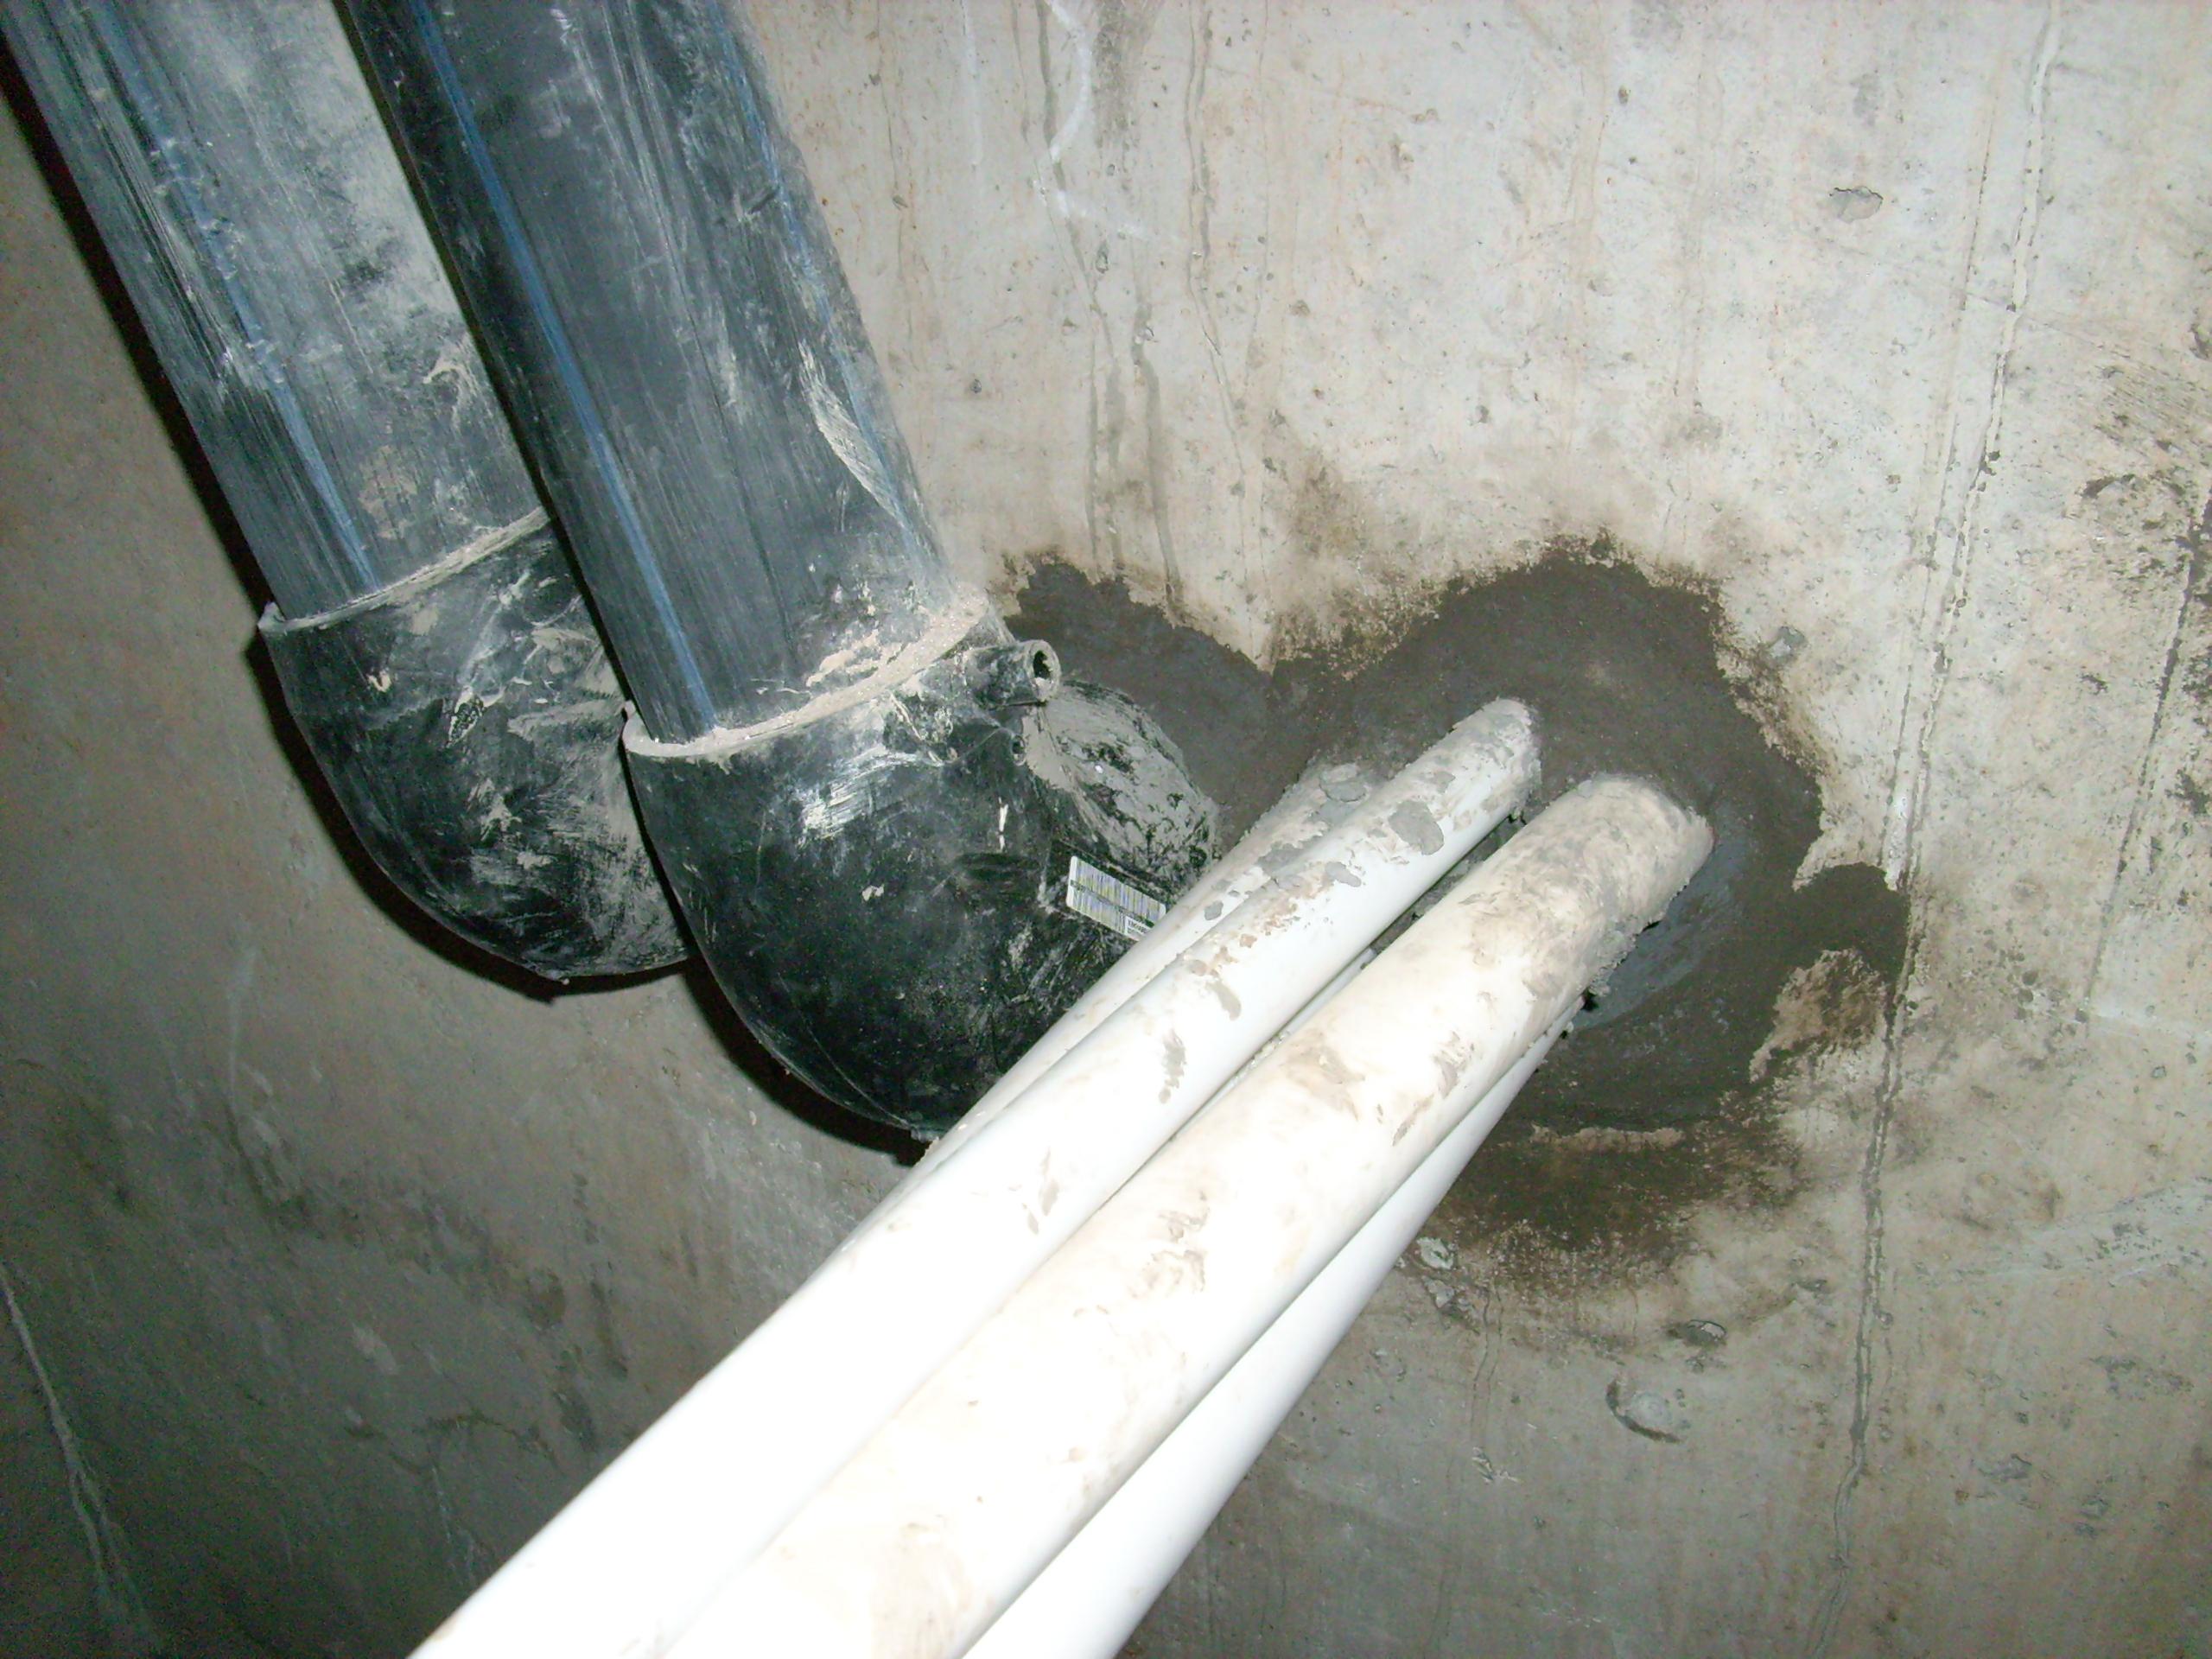 Hidroizolare strapungeri instalatii sanitare - RIN Grand Hotel UNICO PROFIT - Poza 8